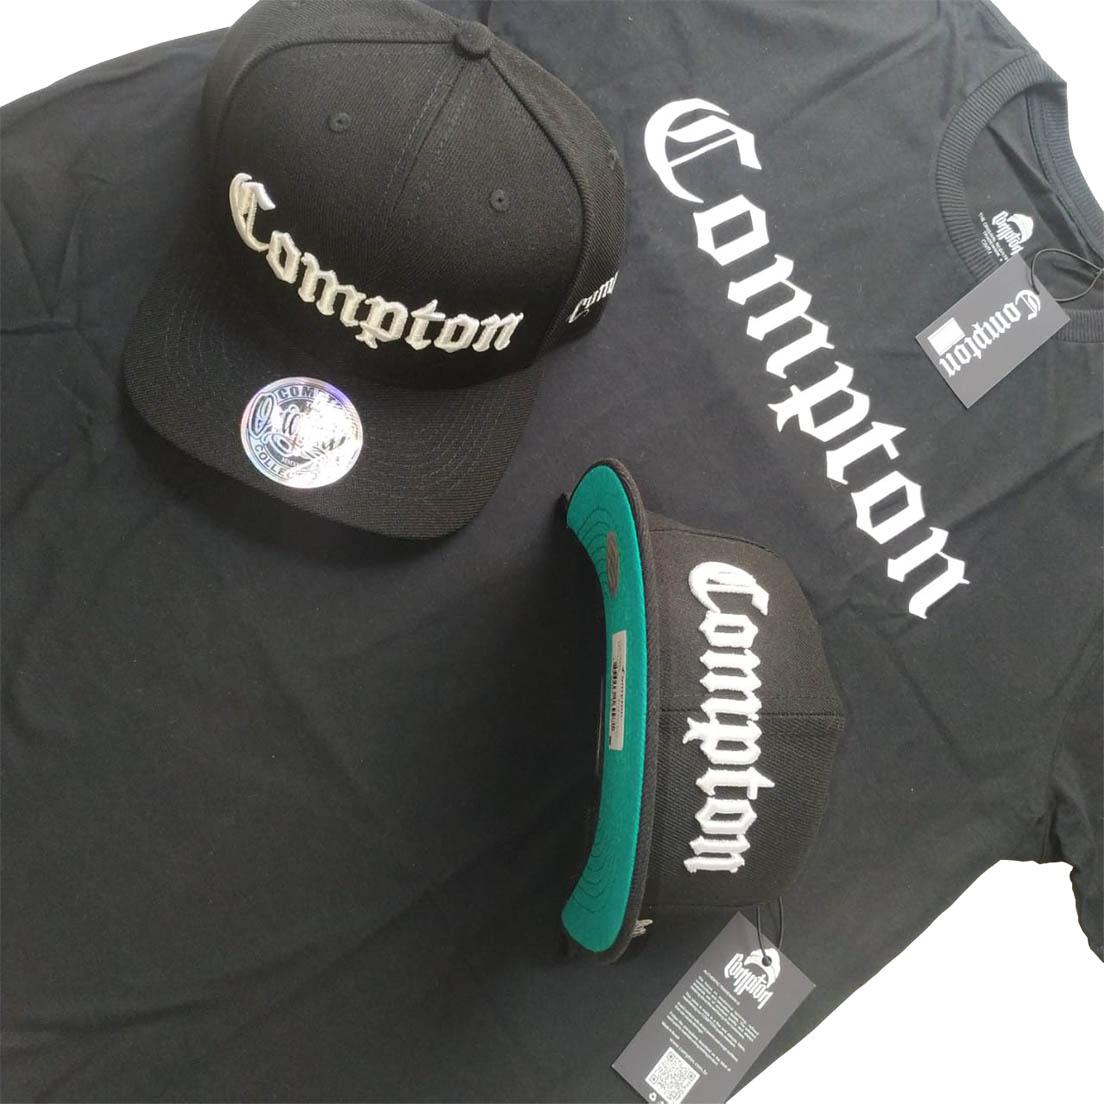 Camiseta Compton + Boné Aba Reta Preto